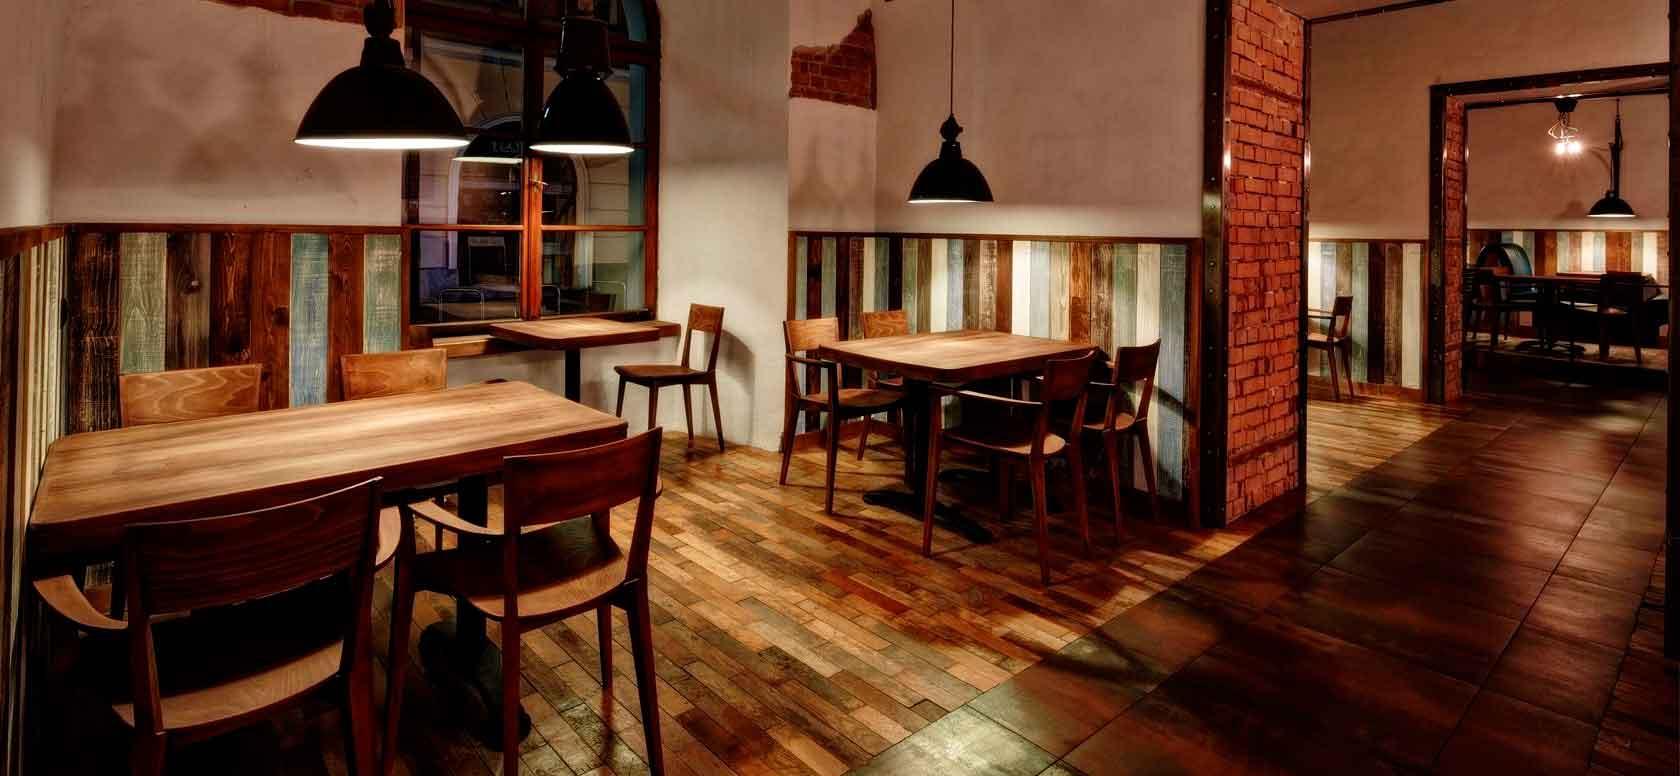 Trabajo realizado con Sillas madera de haya Fama. Para hostelería, ambiente 2